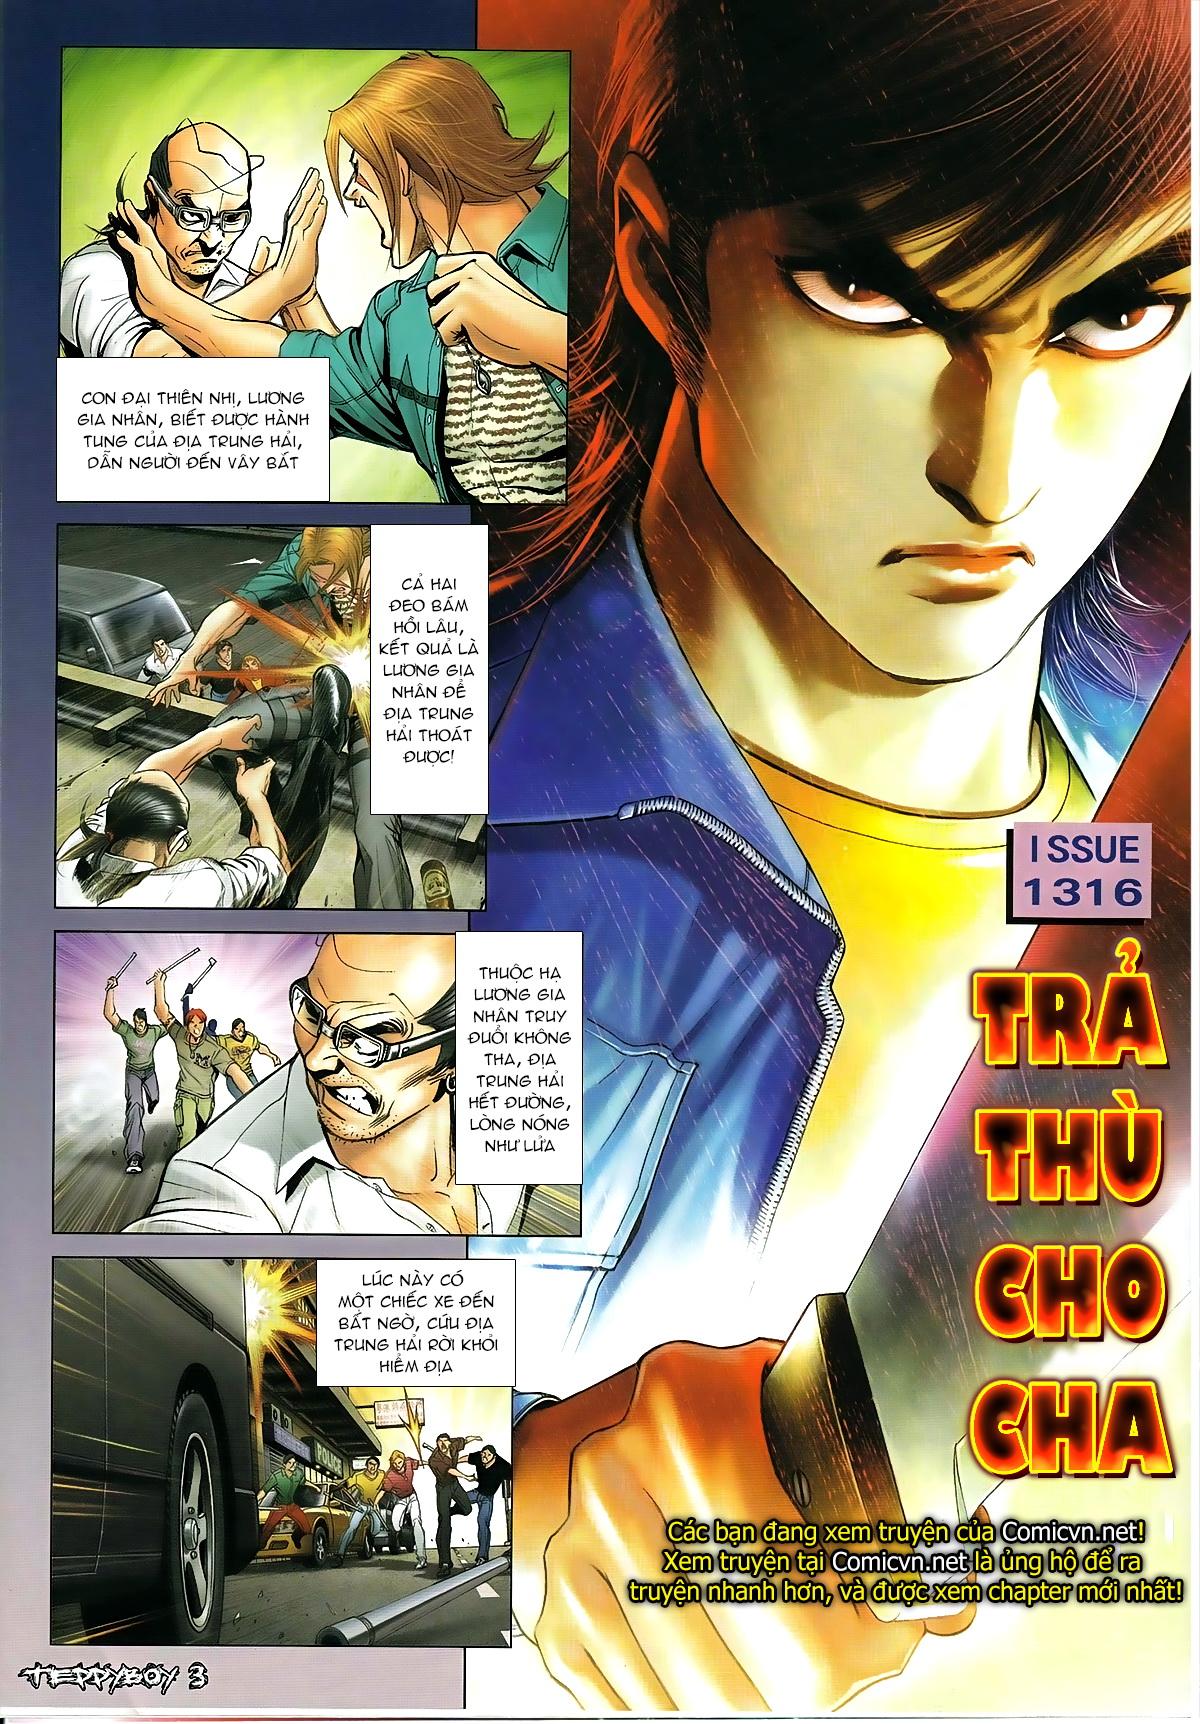 Người Trong Giang Hồ - Chapter 1316: Trả thù cho Cha - Pic 3